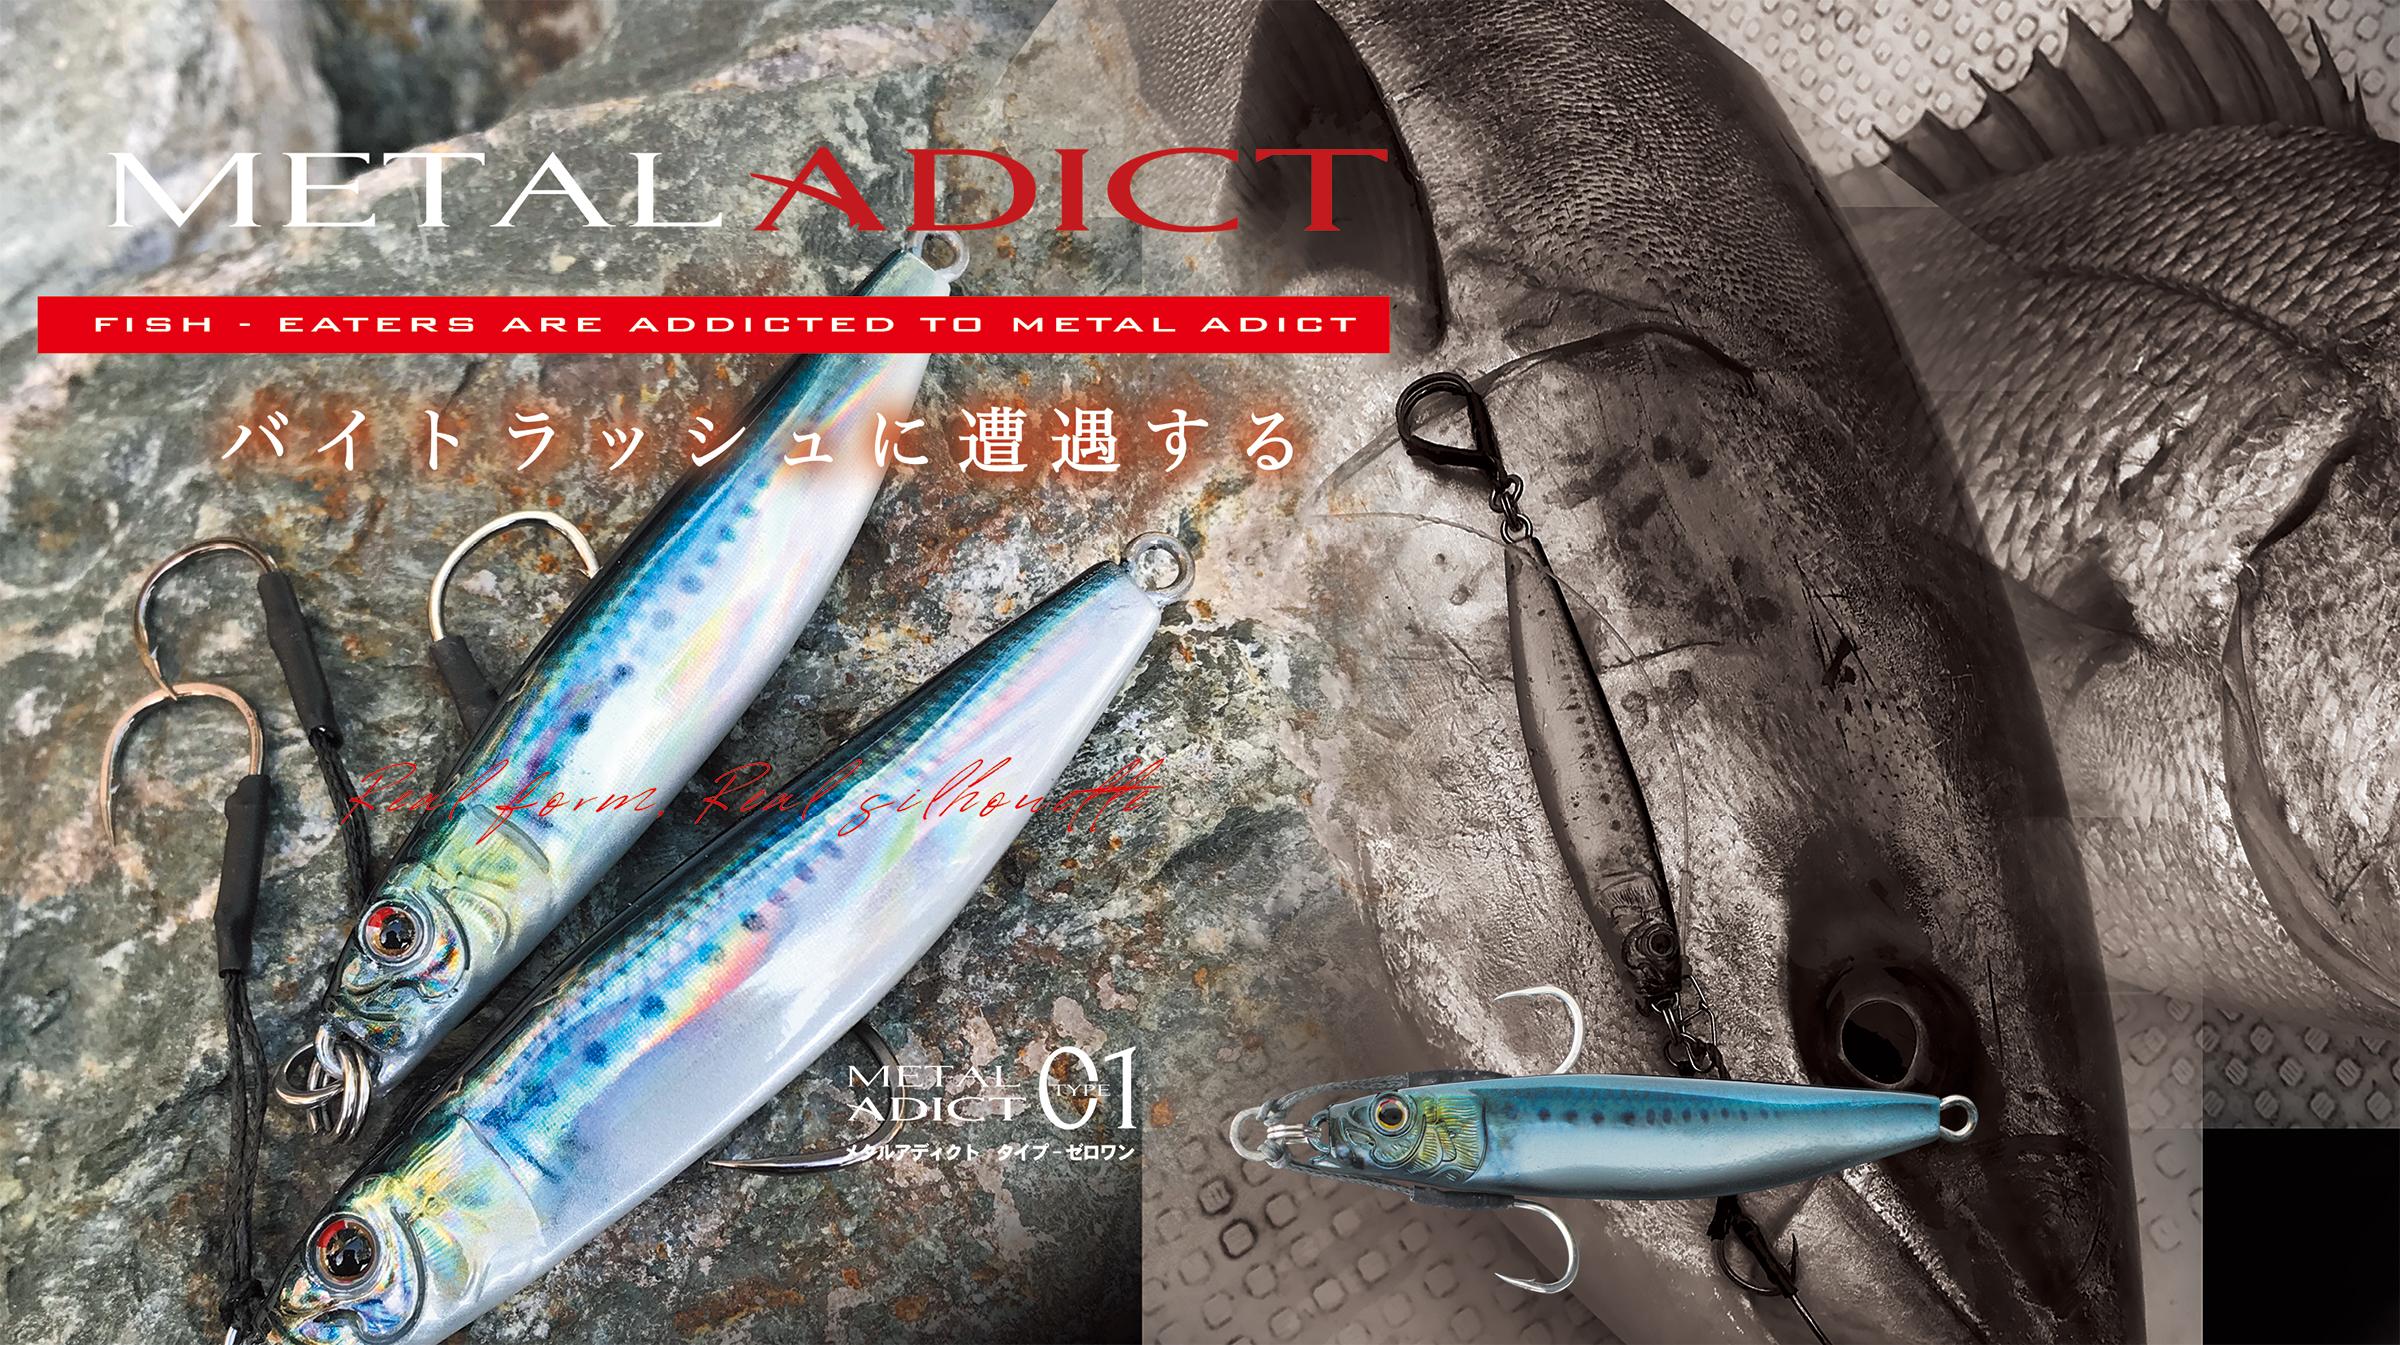 METAL ADICT TYPE01 (30g/40g)